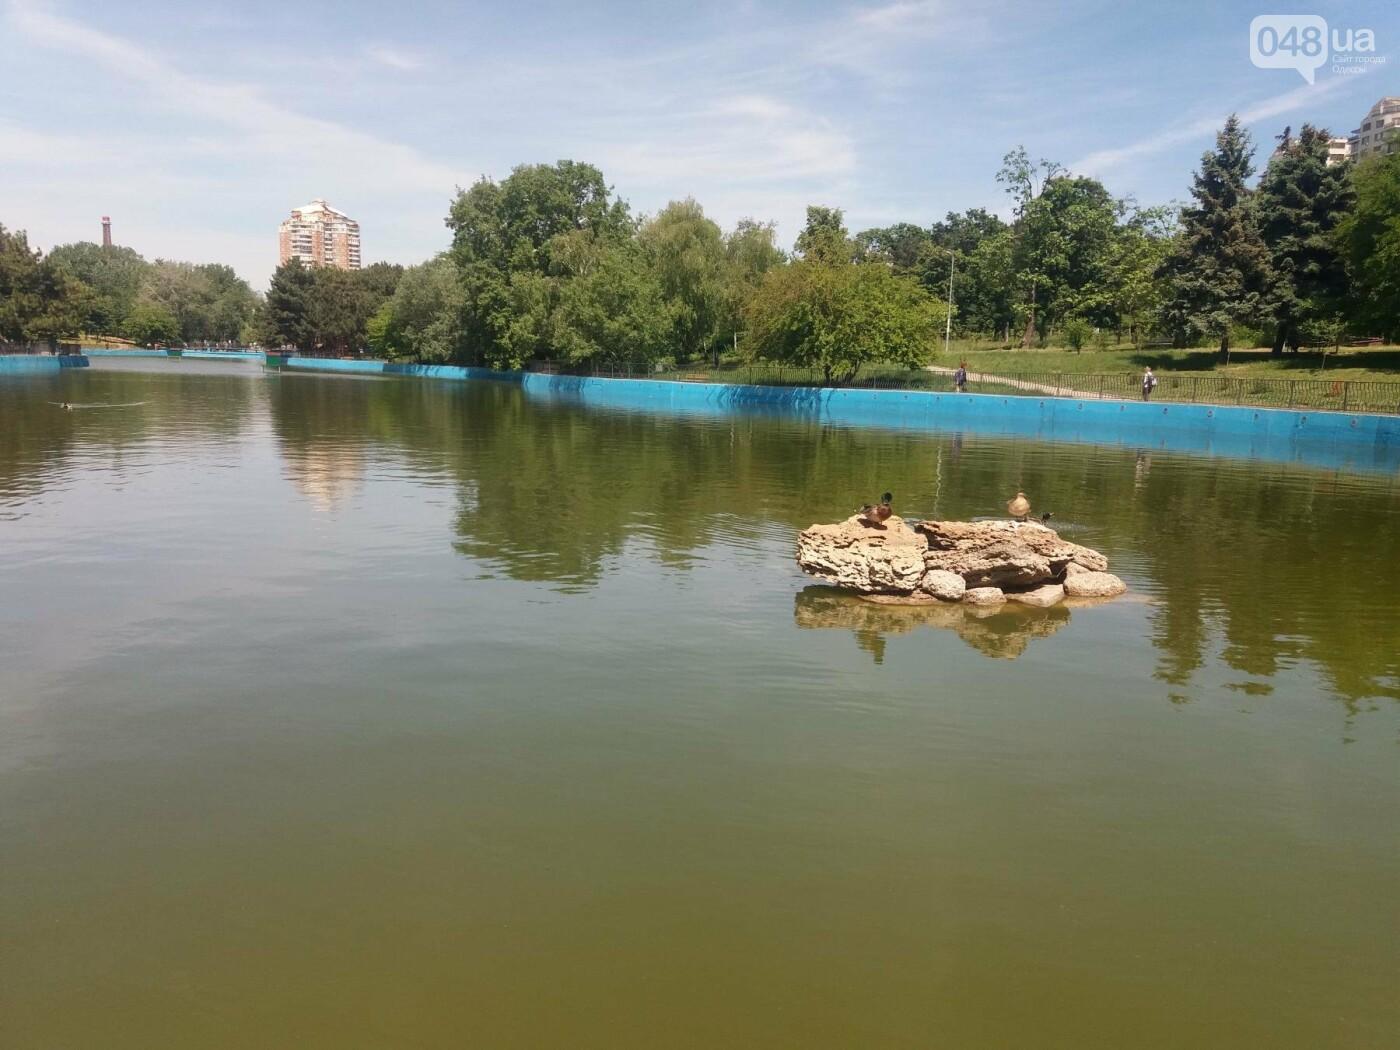 В Одесском парке заполняют водой очищенный пруд и устанавливают «сказочные лилии», - ФОТО, ВИДЕО , фото-3